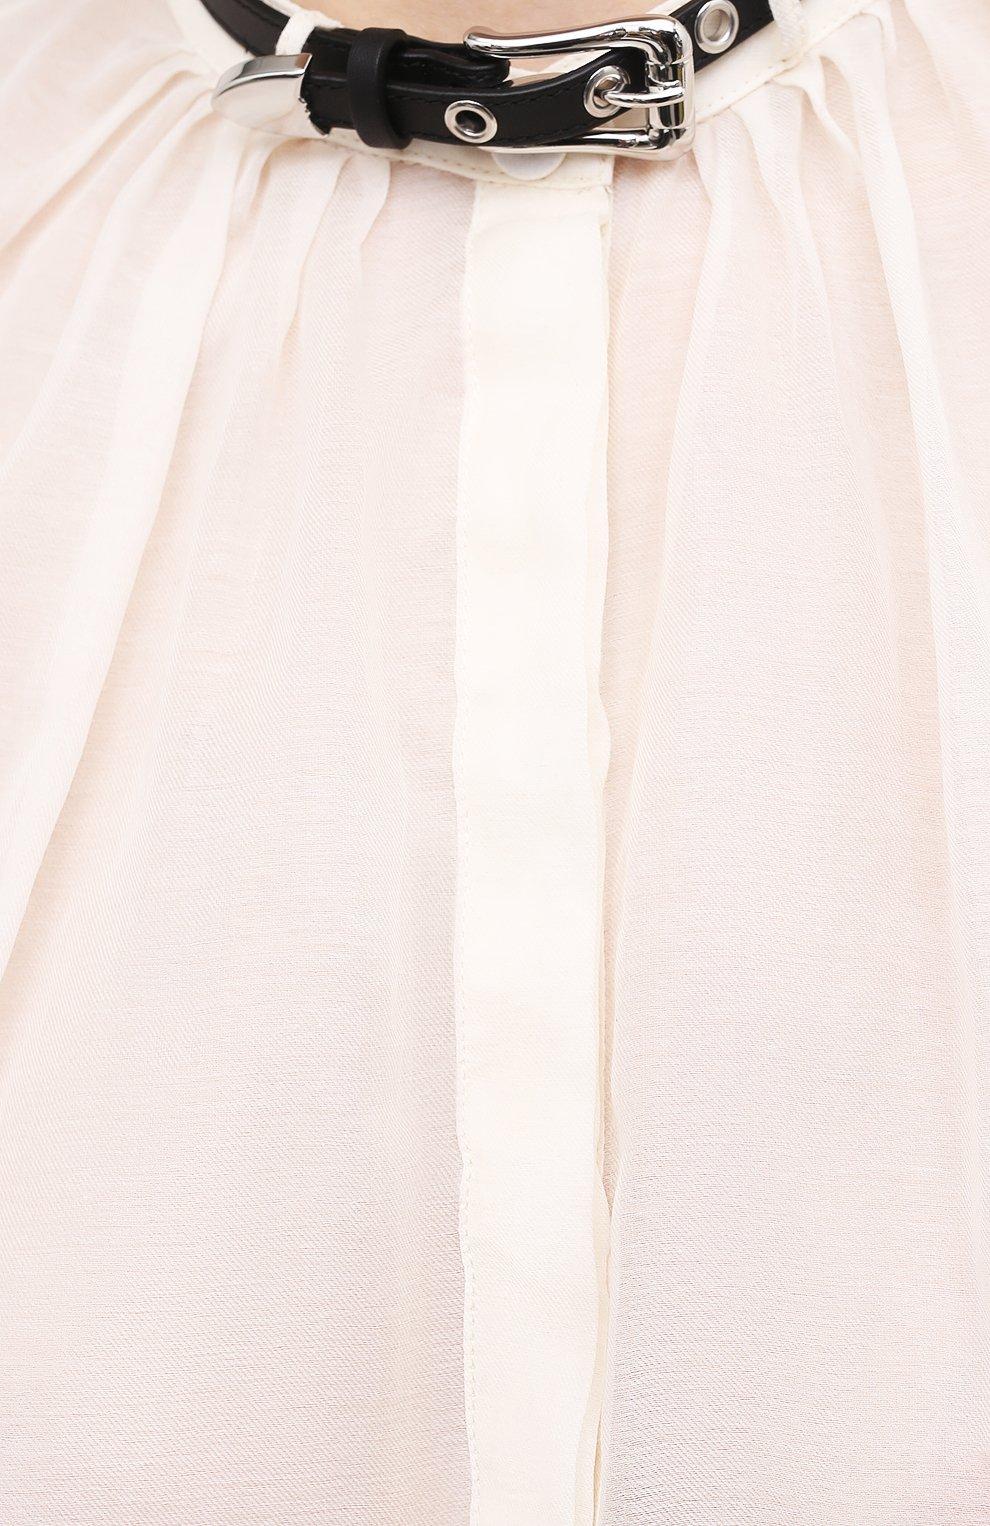 Женская хлопковая блузка GABRIELA HEARST светло-бежевого цвета, арт. 321121 S038   Фото 5 (Материал внешний: Шелк, Хлопок; Рукава: Длинные; Принт: Без принта; Длина (для топов): Стандартные; Стили: Классический; Женское Кросс-КТ: Блуза-одежда)